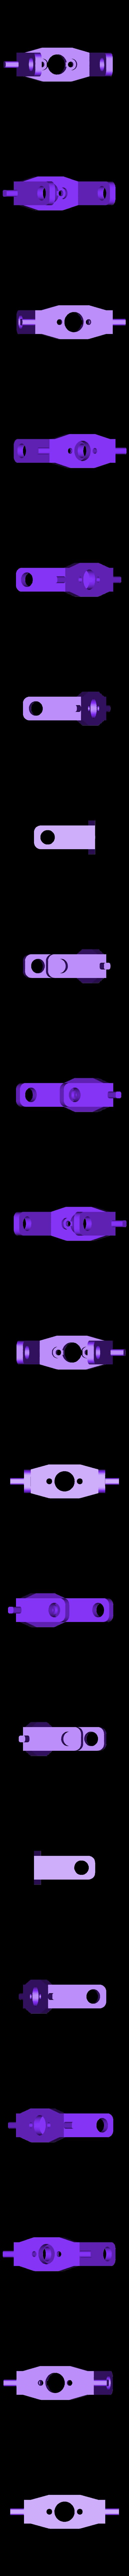 fork.stl Télécharger fichier STL gratuit Châssis du robot Walker • Design à imprimer en 3D, SiberK